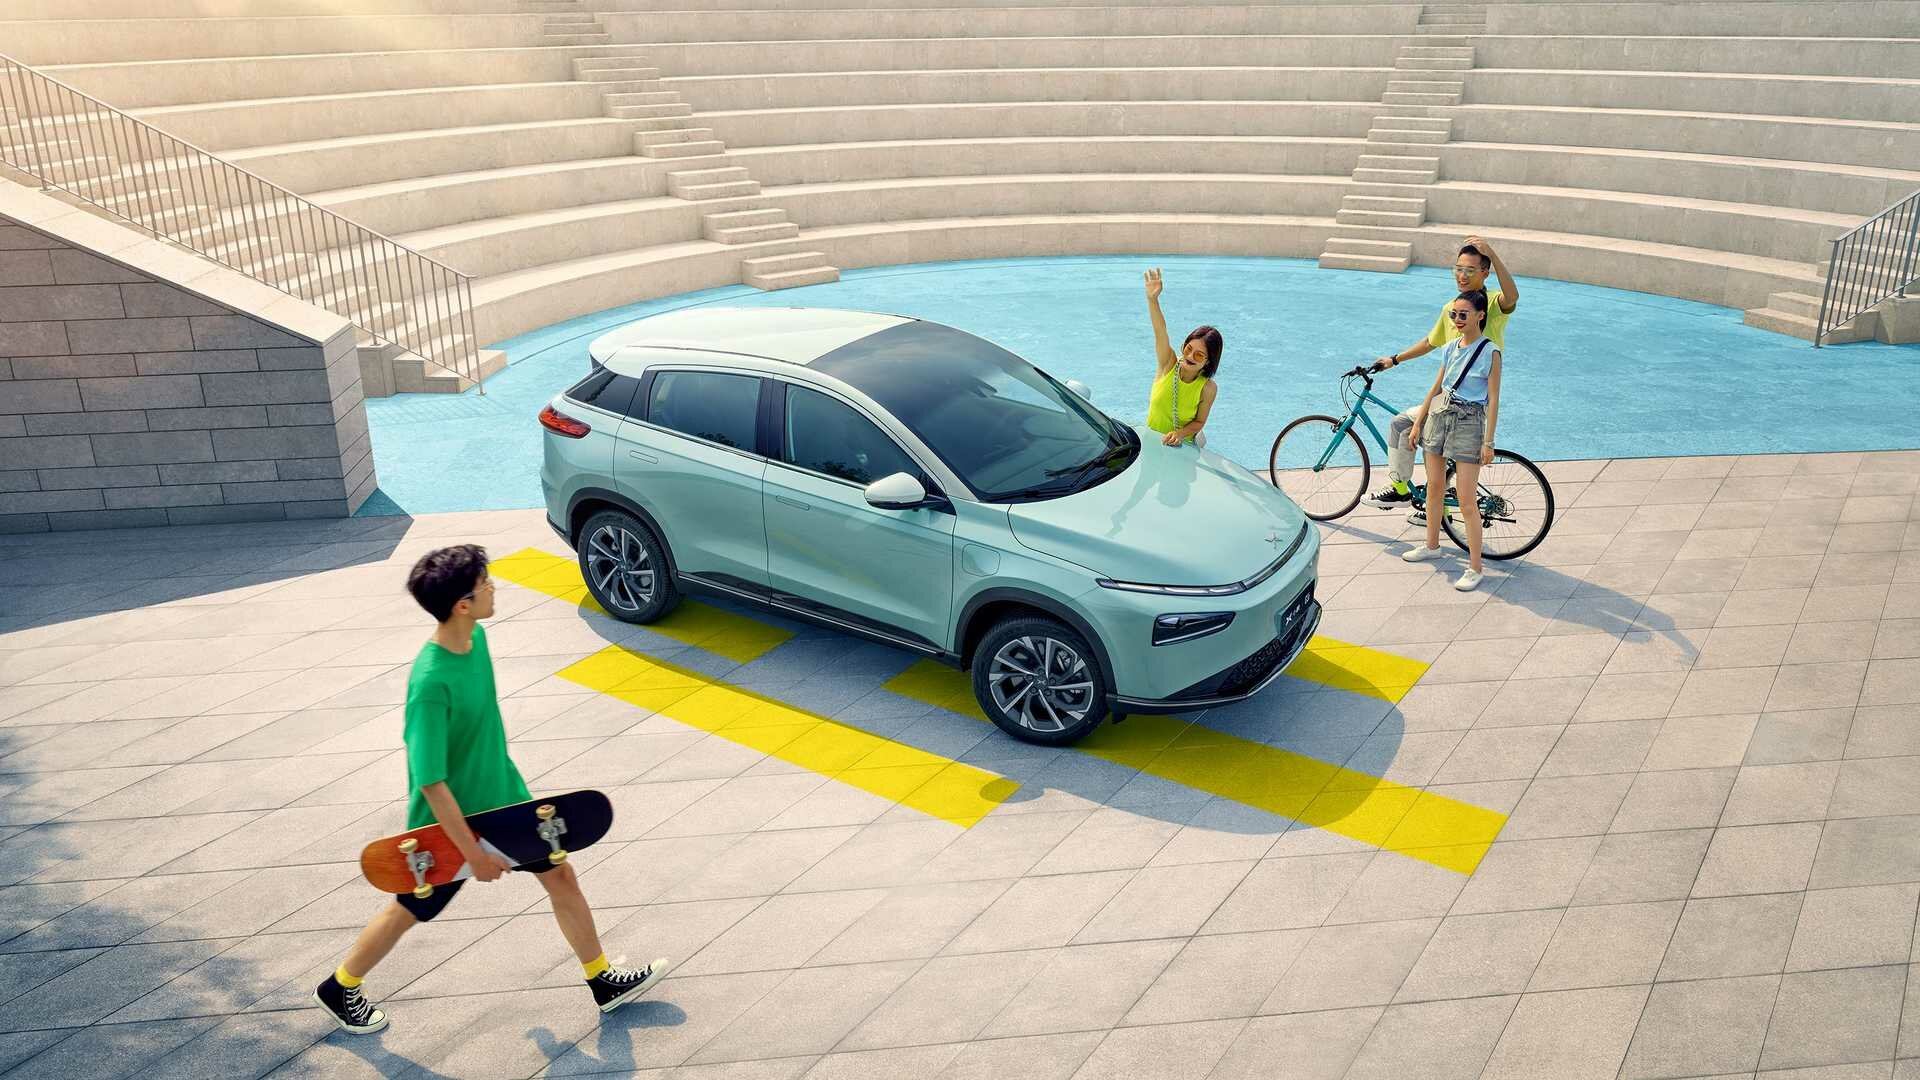 Молодая компания XPeng из Китая показала модернизированный паркетник G3: теперь это G3i. Главная фишка – новейшая система автономного движения.